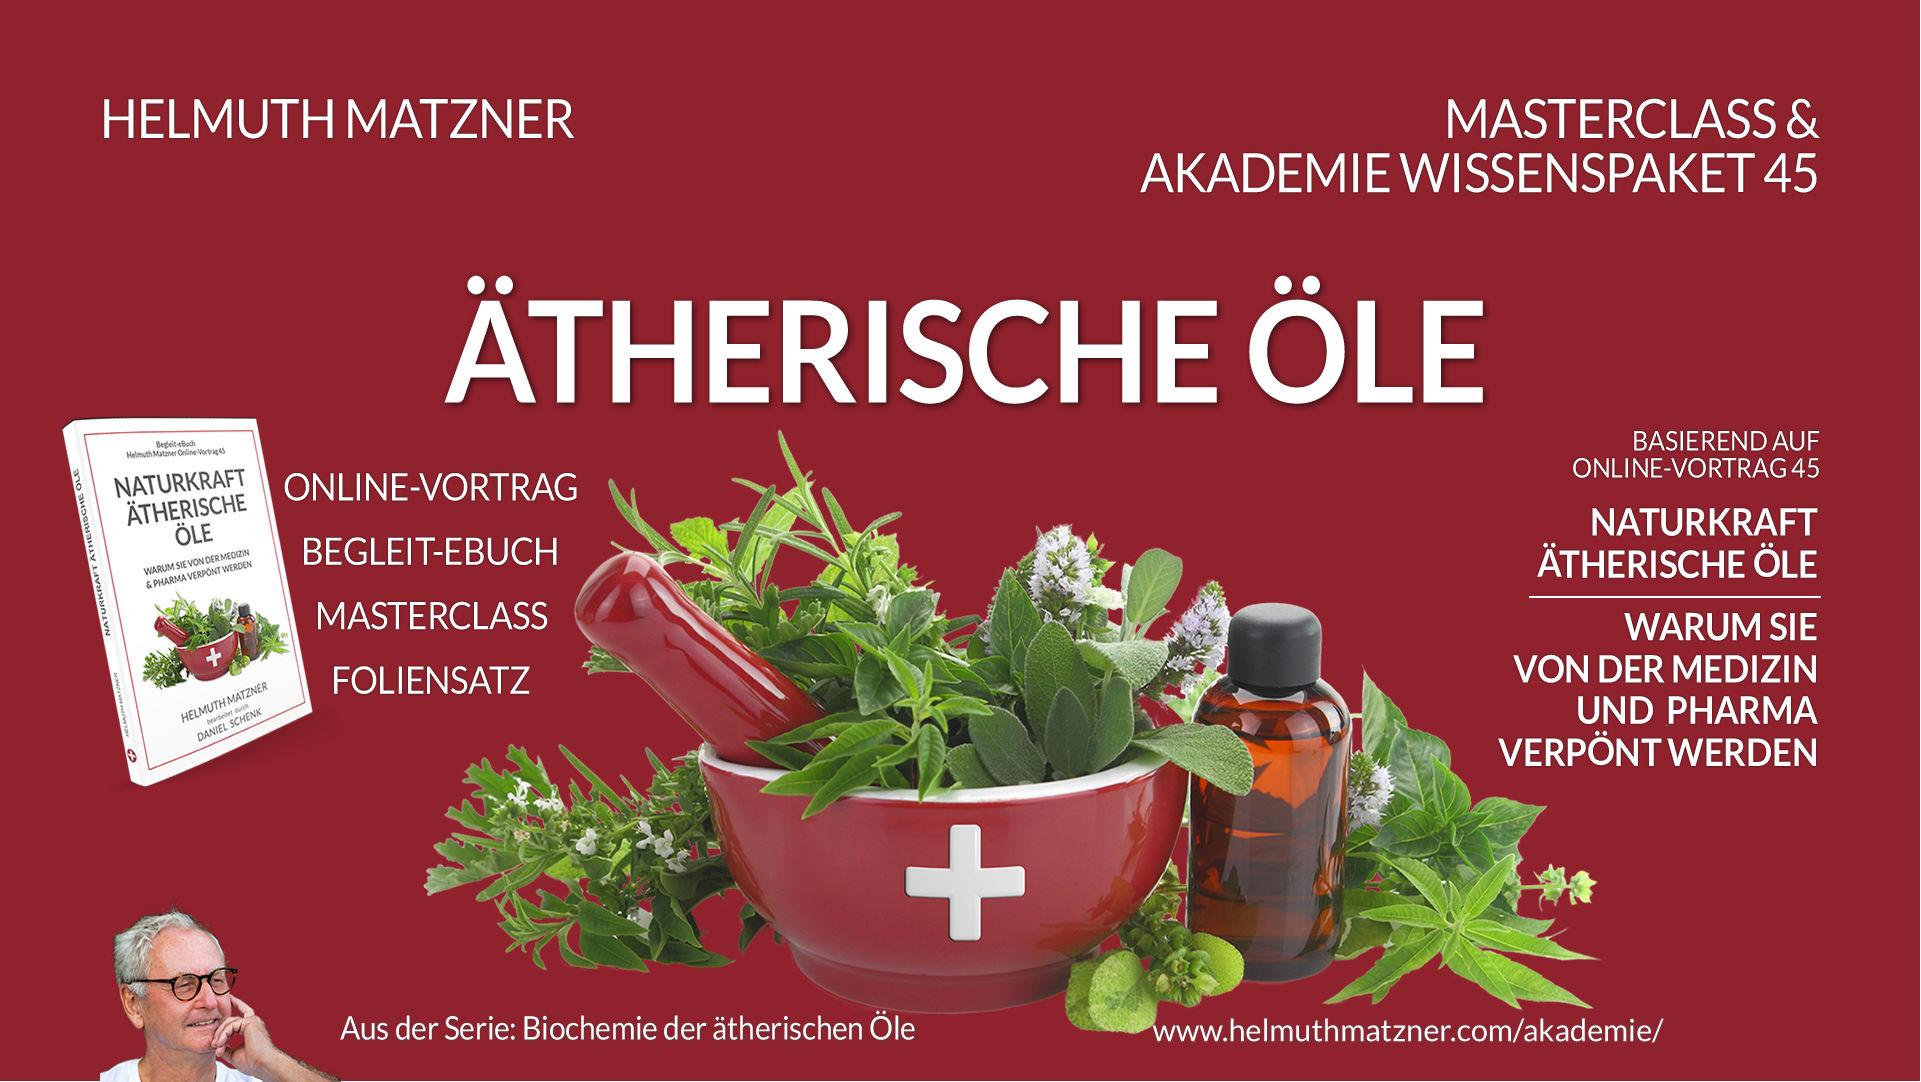 Helmuth Matzner - Masterclass & Akademie Wissenspaket 45 - Naturkraft Ätherische Öle - Archiv v07KEY